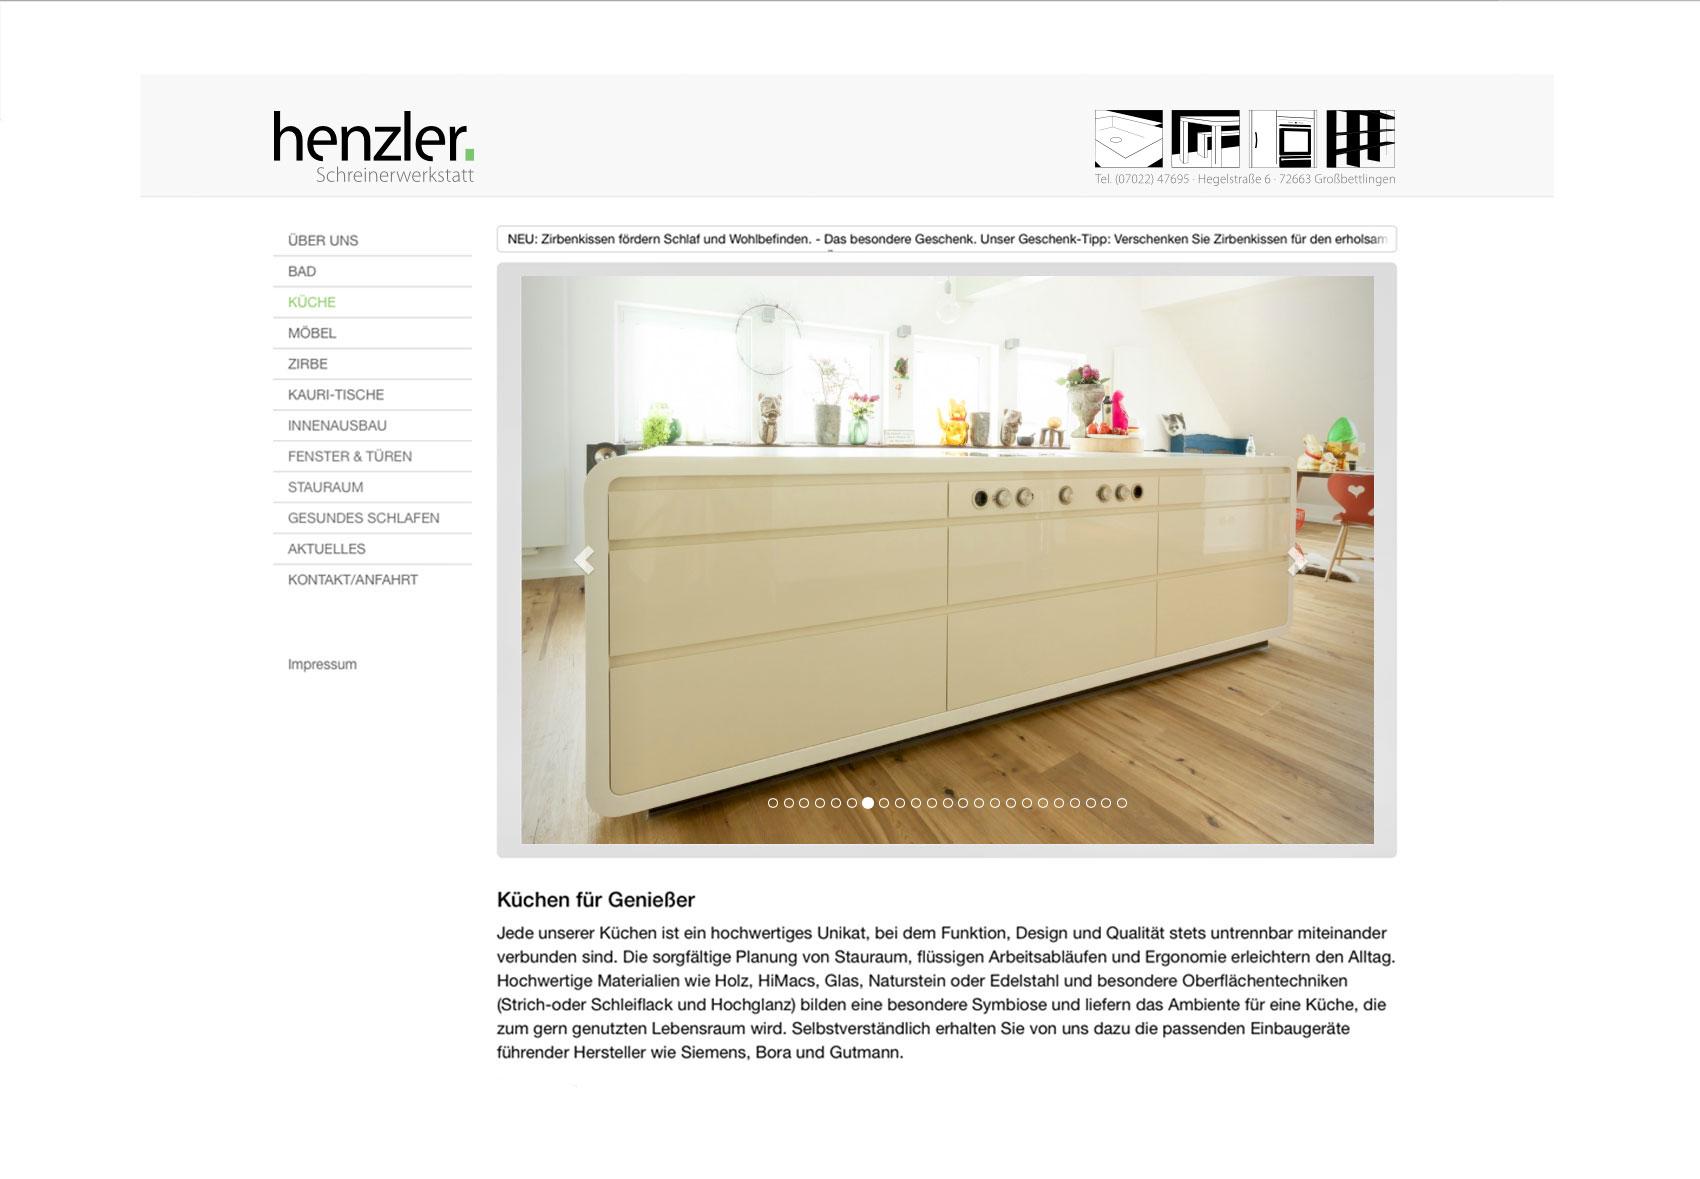 Jede Menüseite auf der Website hat eine Bildergalerie mit Referenzbriefen. Hier: Küchen.